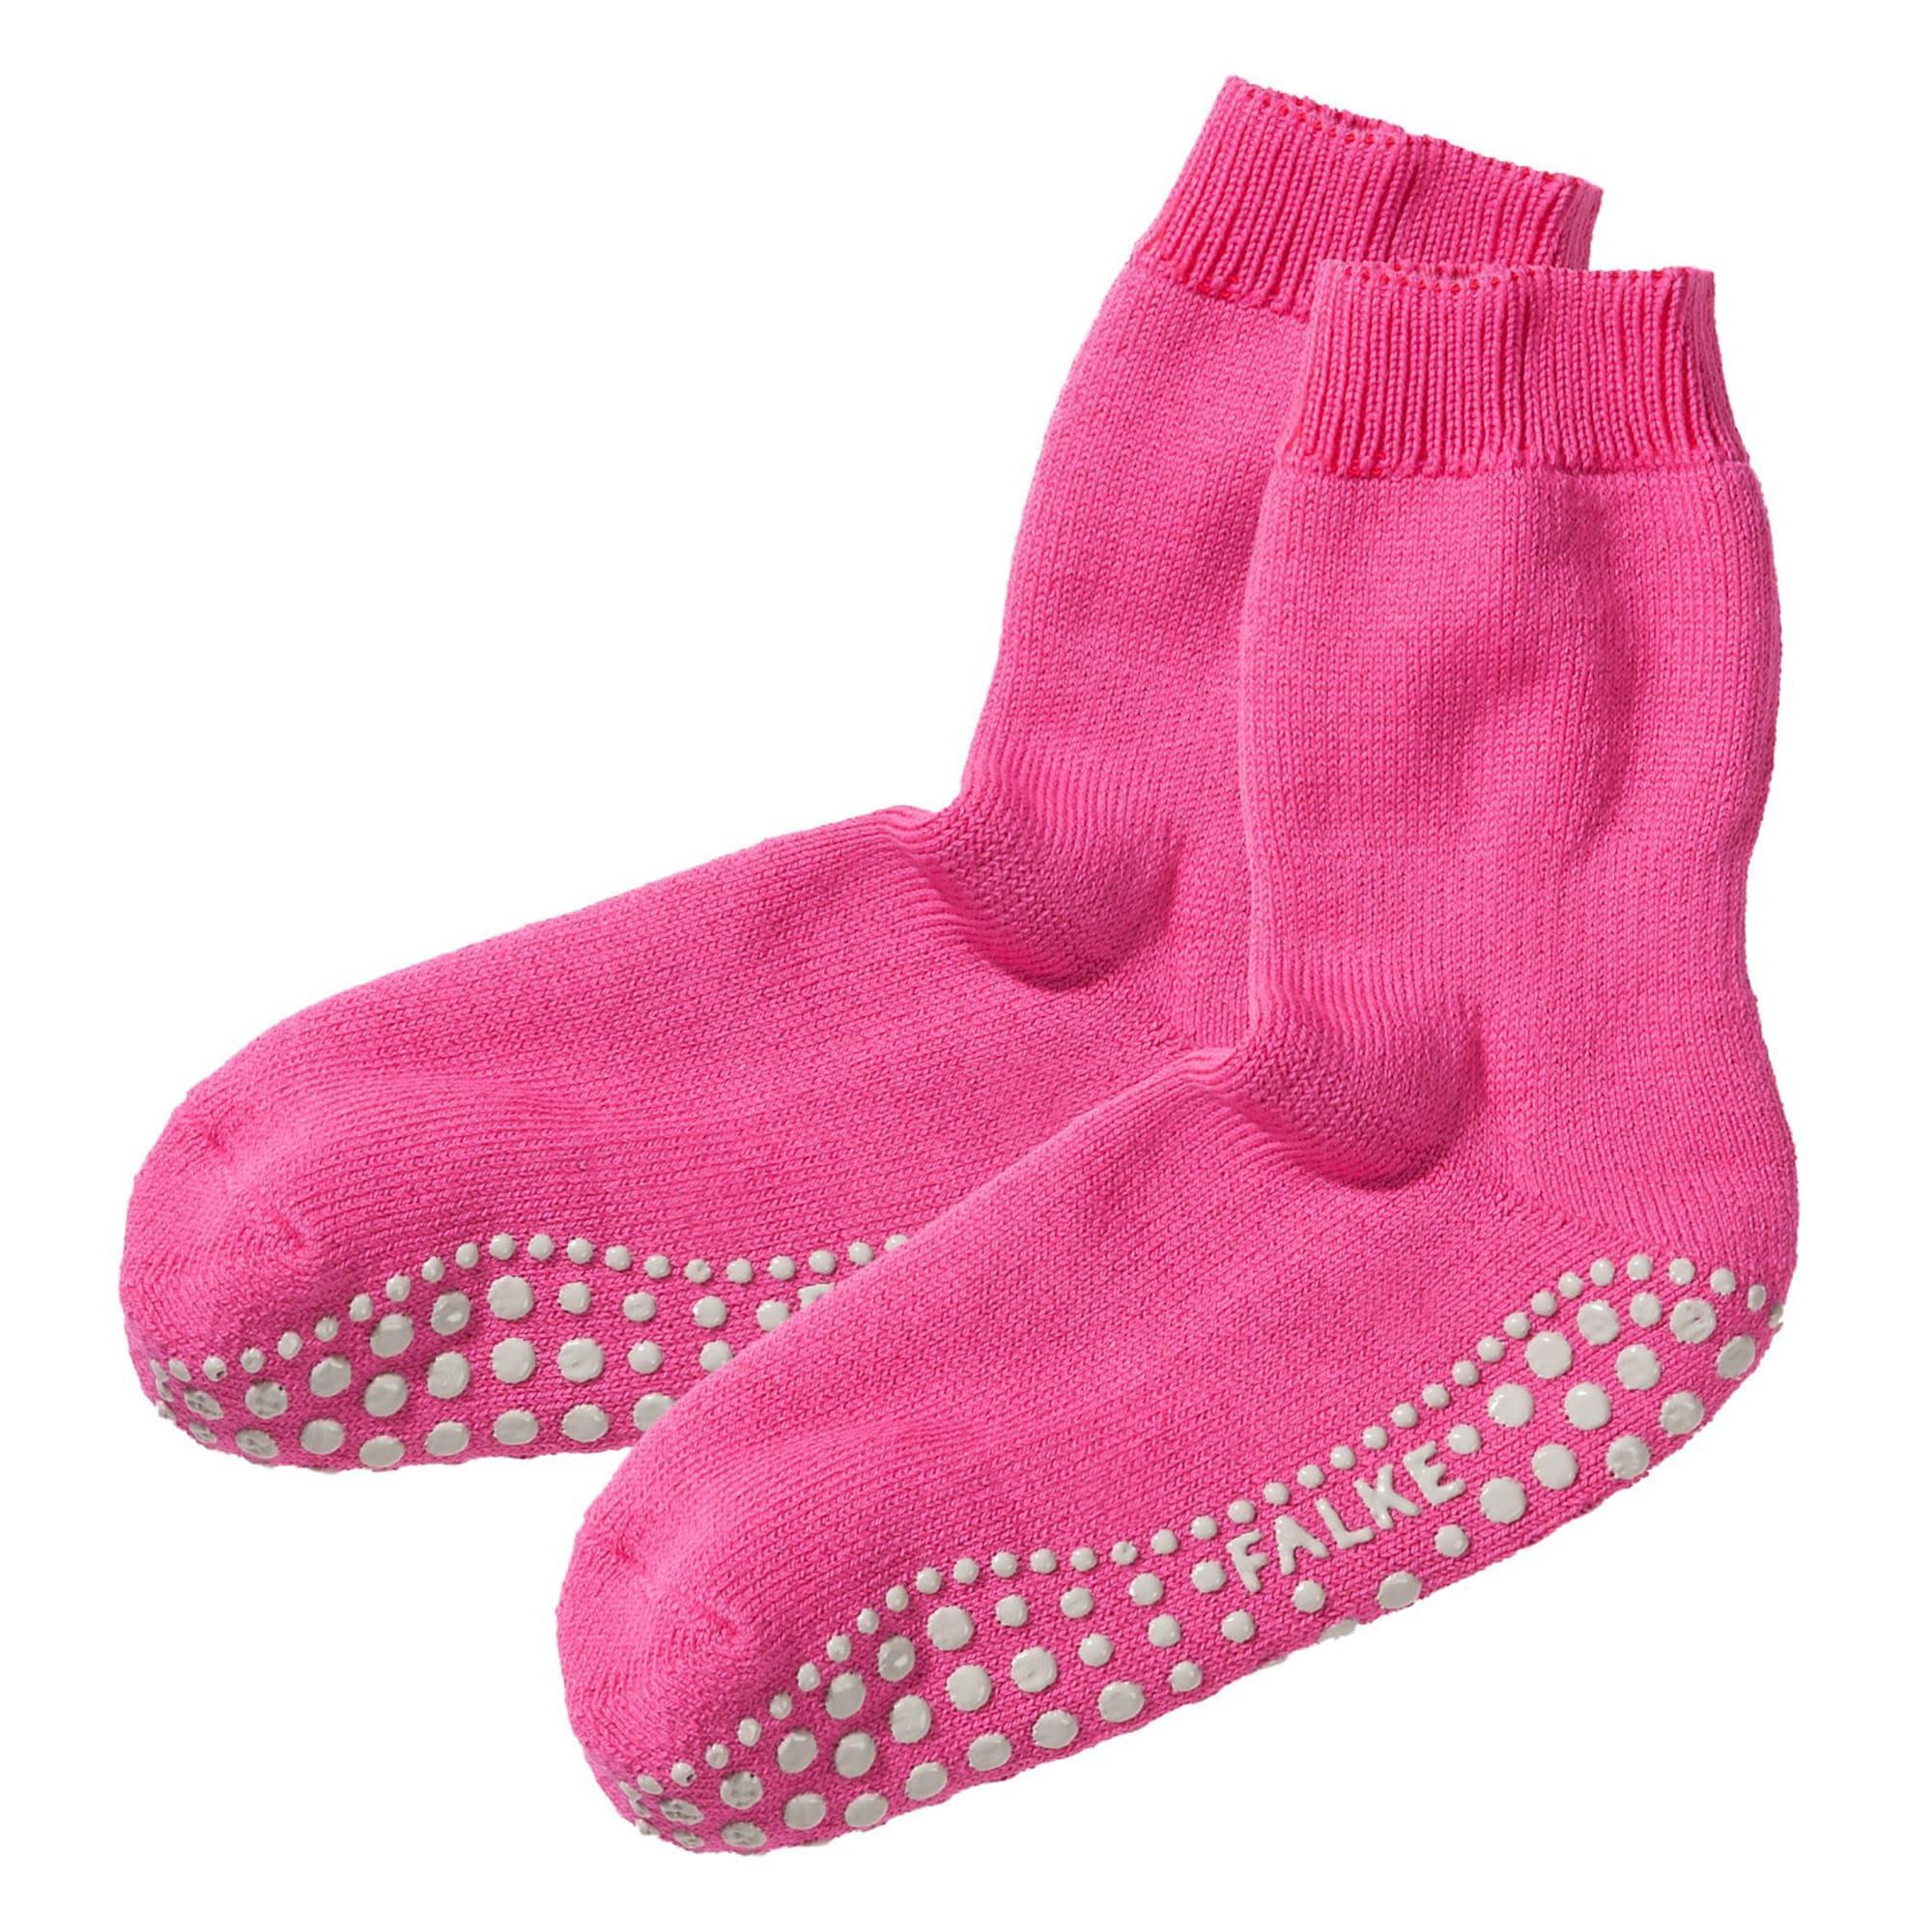 FALKE Haussocken 'Catspads' pink